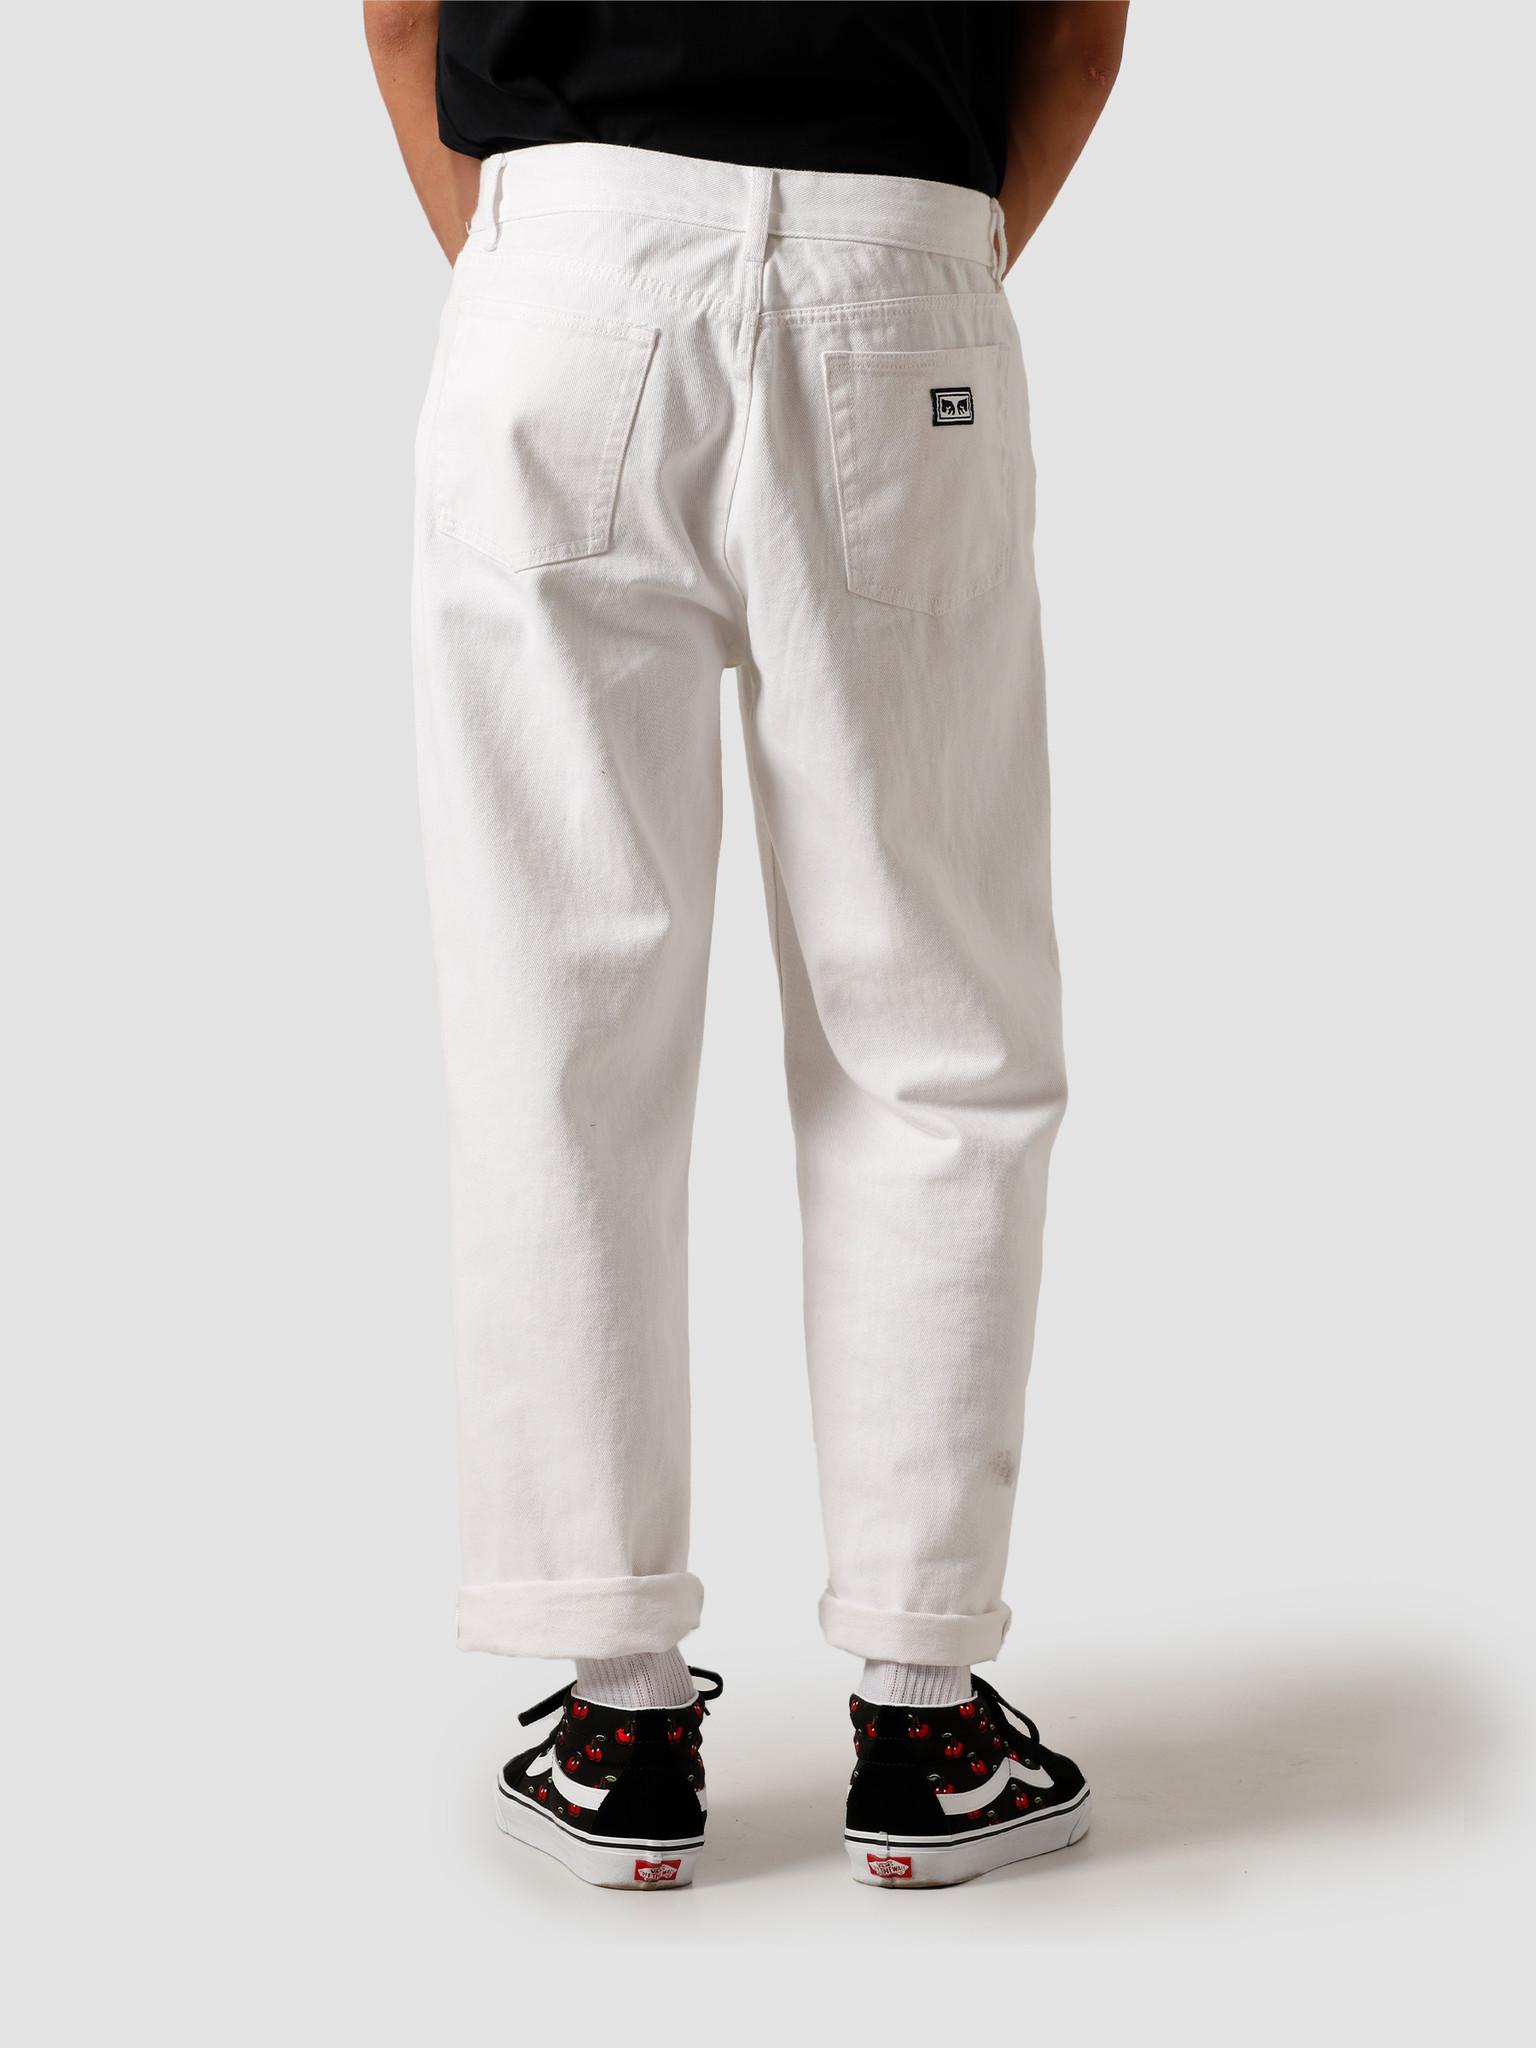 Obey Obey Hardwork Denim White 142010063-WHT